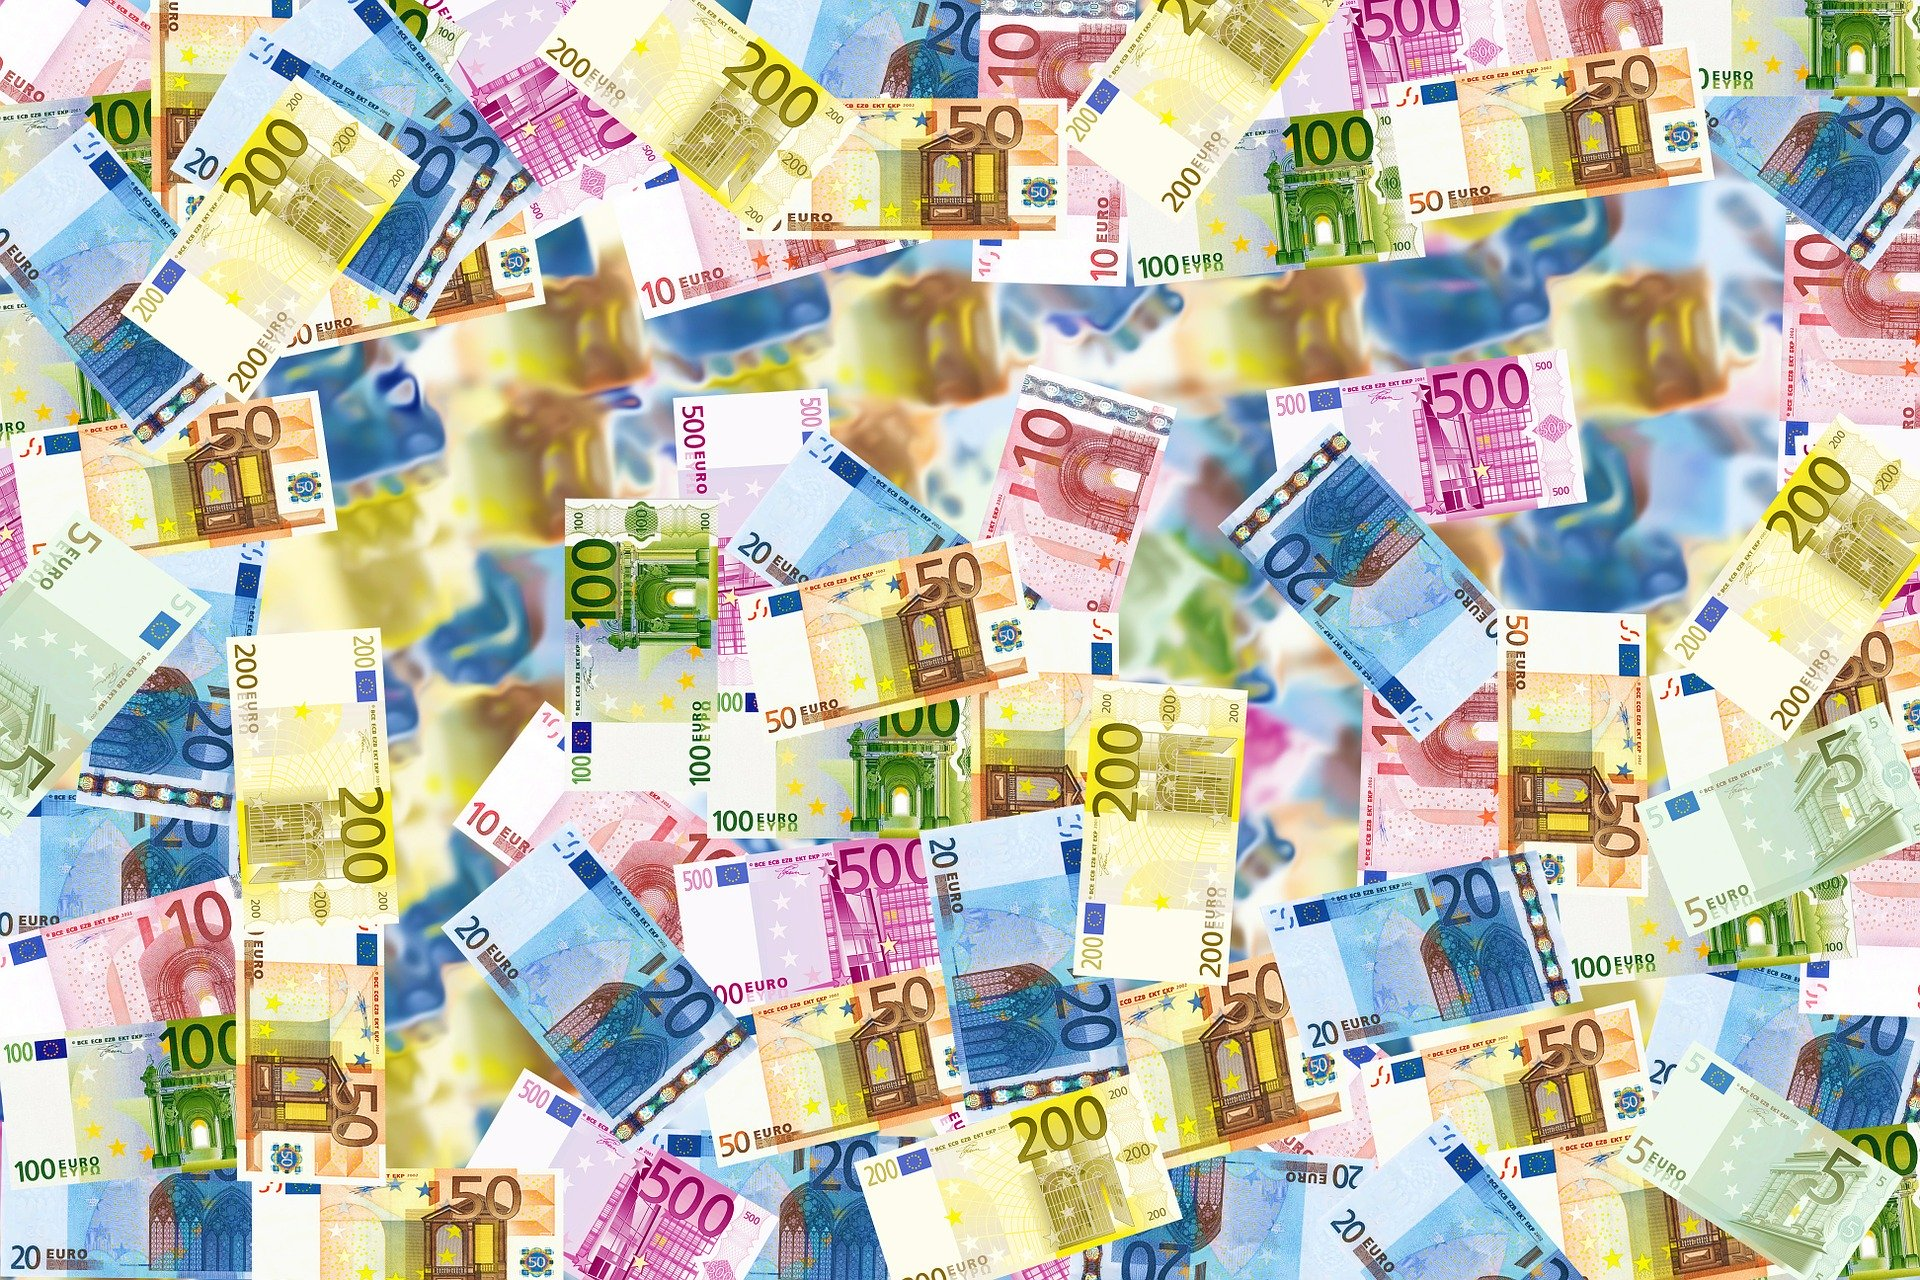 Est-ce que l'argent fait le bonheur ? Est-ce que l'argent aide à avoir une alimentatino saine ?